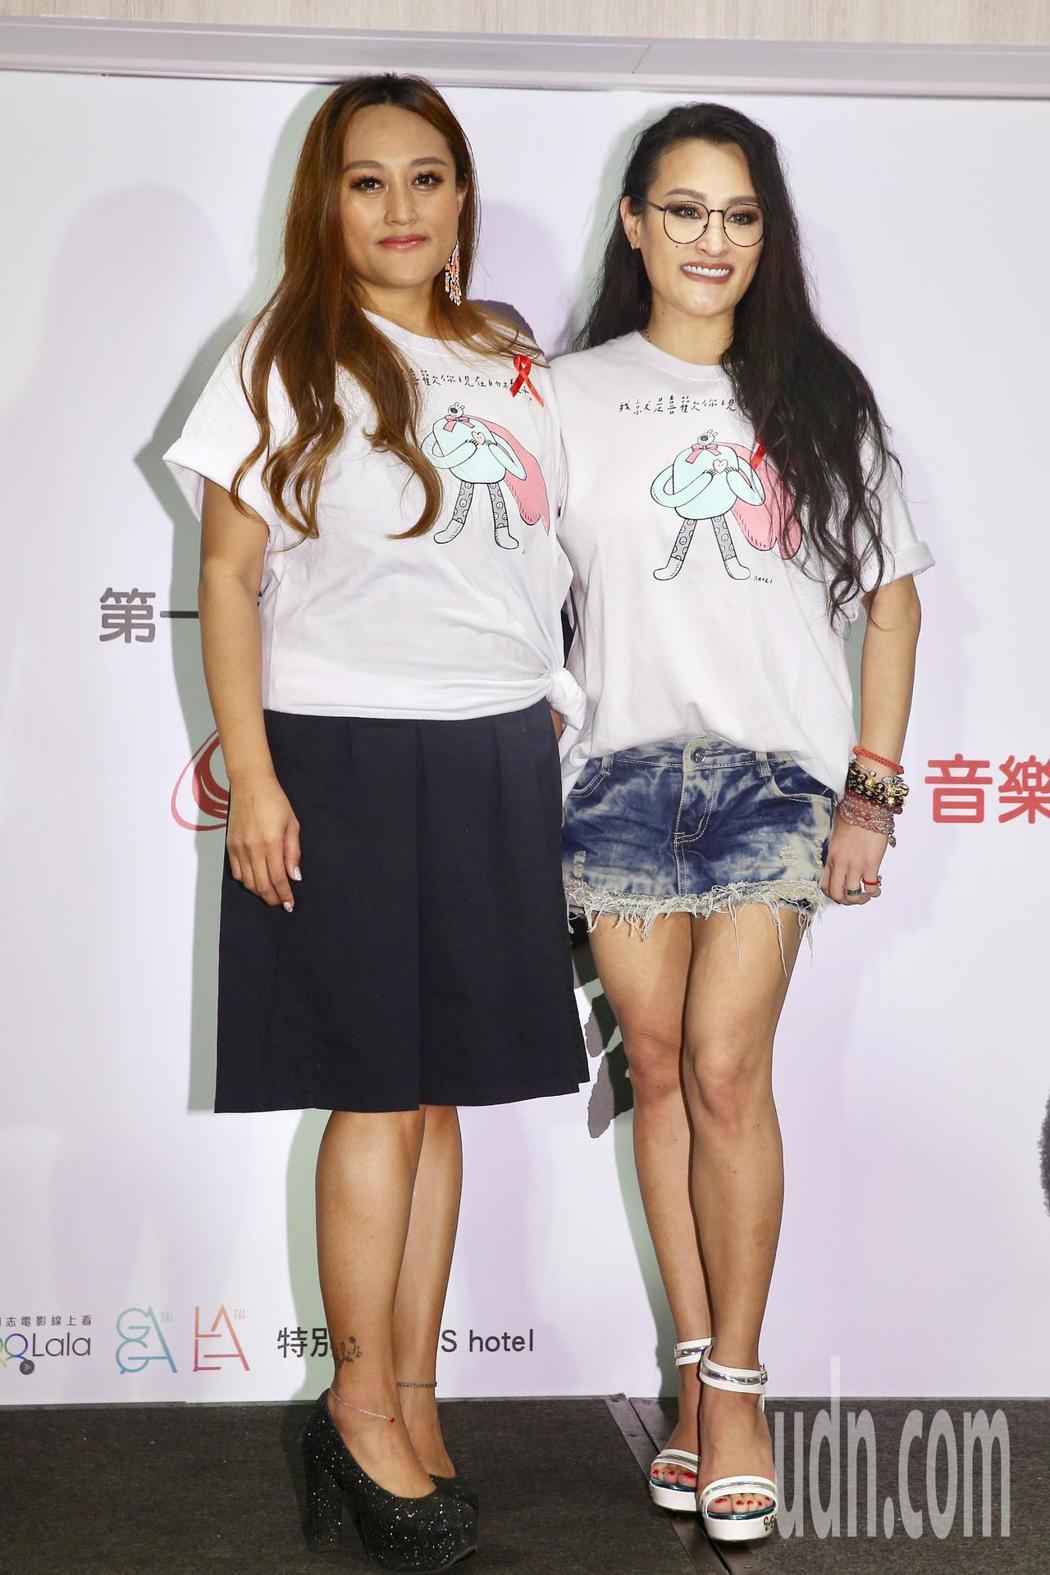 紀曉君(右)、家家(左)出席,希望藉此活動,用音樂的力量消彌對愛滋的恐懼。記者林...